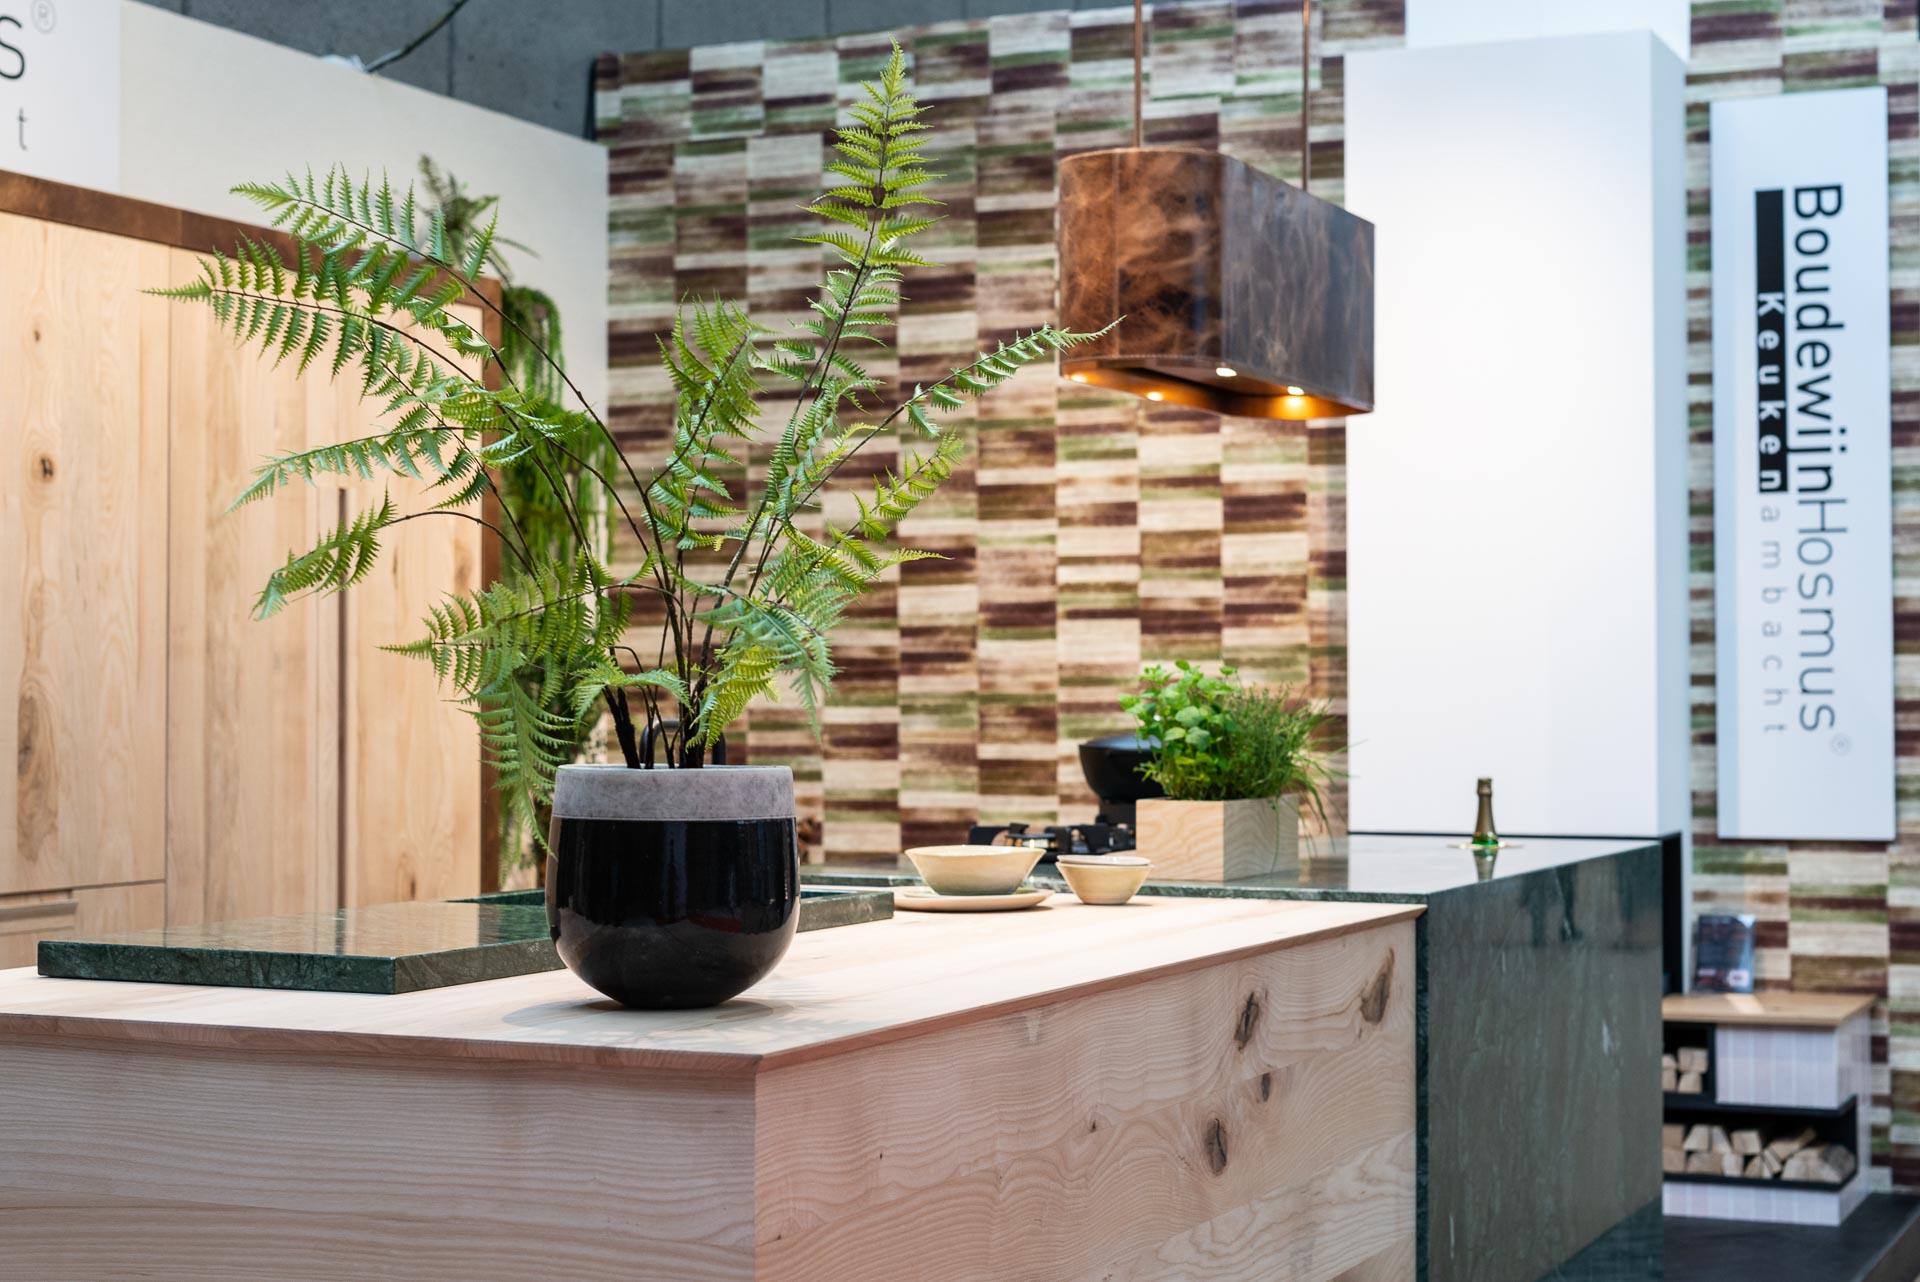 VT Wonen & Design Beurs keuken 2019